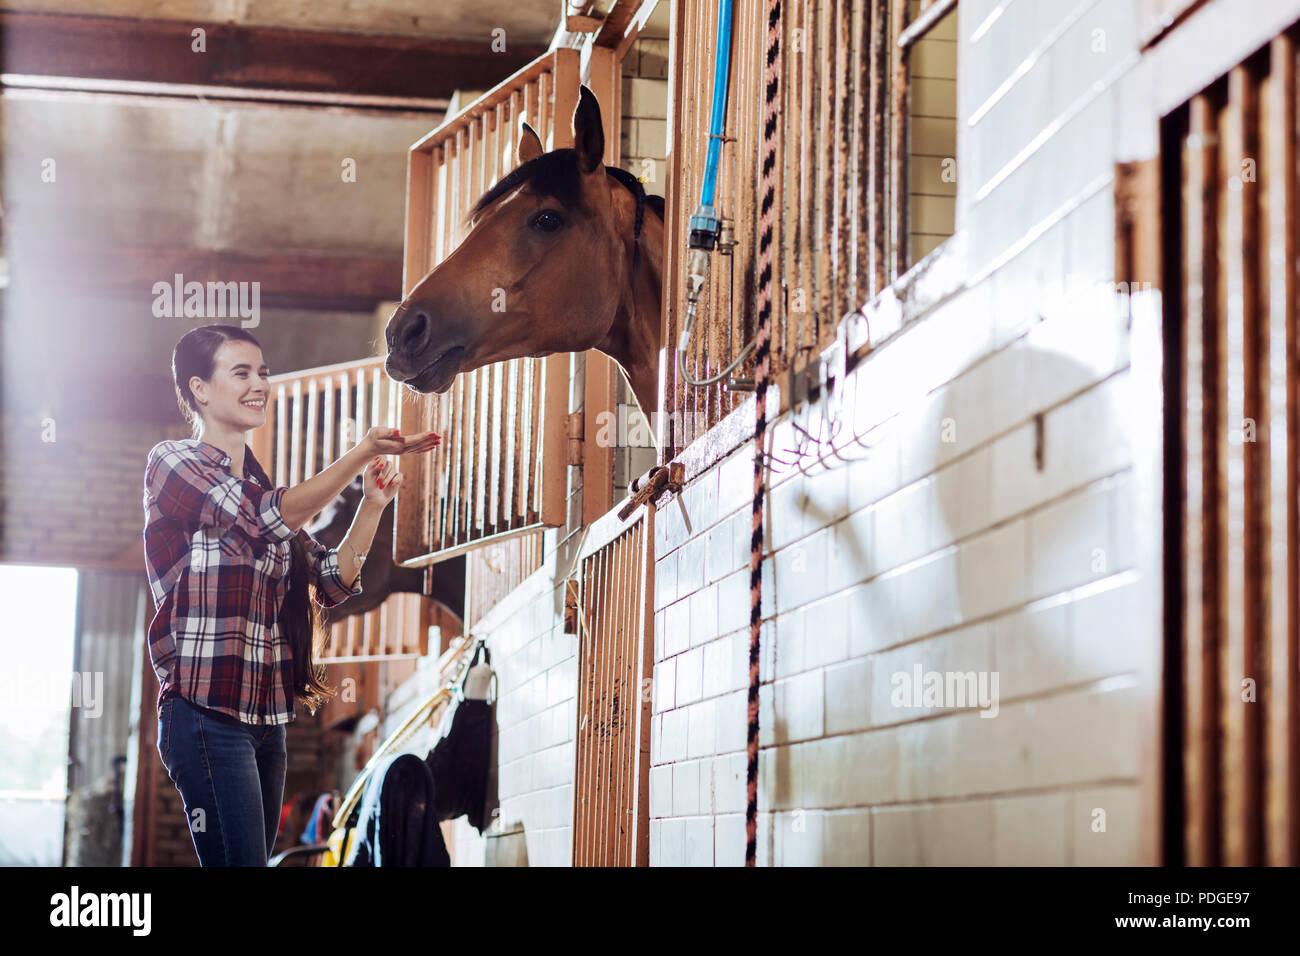 Frau Gefühl unterhalten während der Fütterung schönes Pferd Stockbild